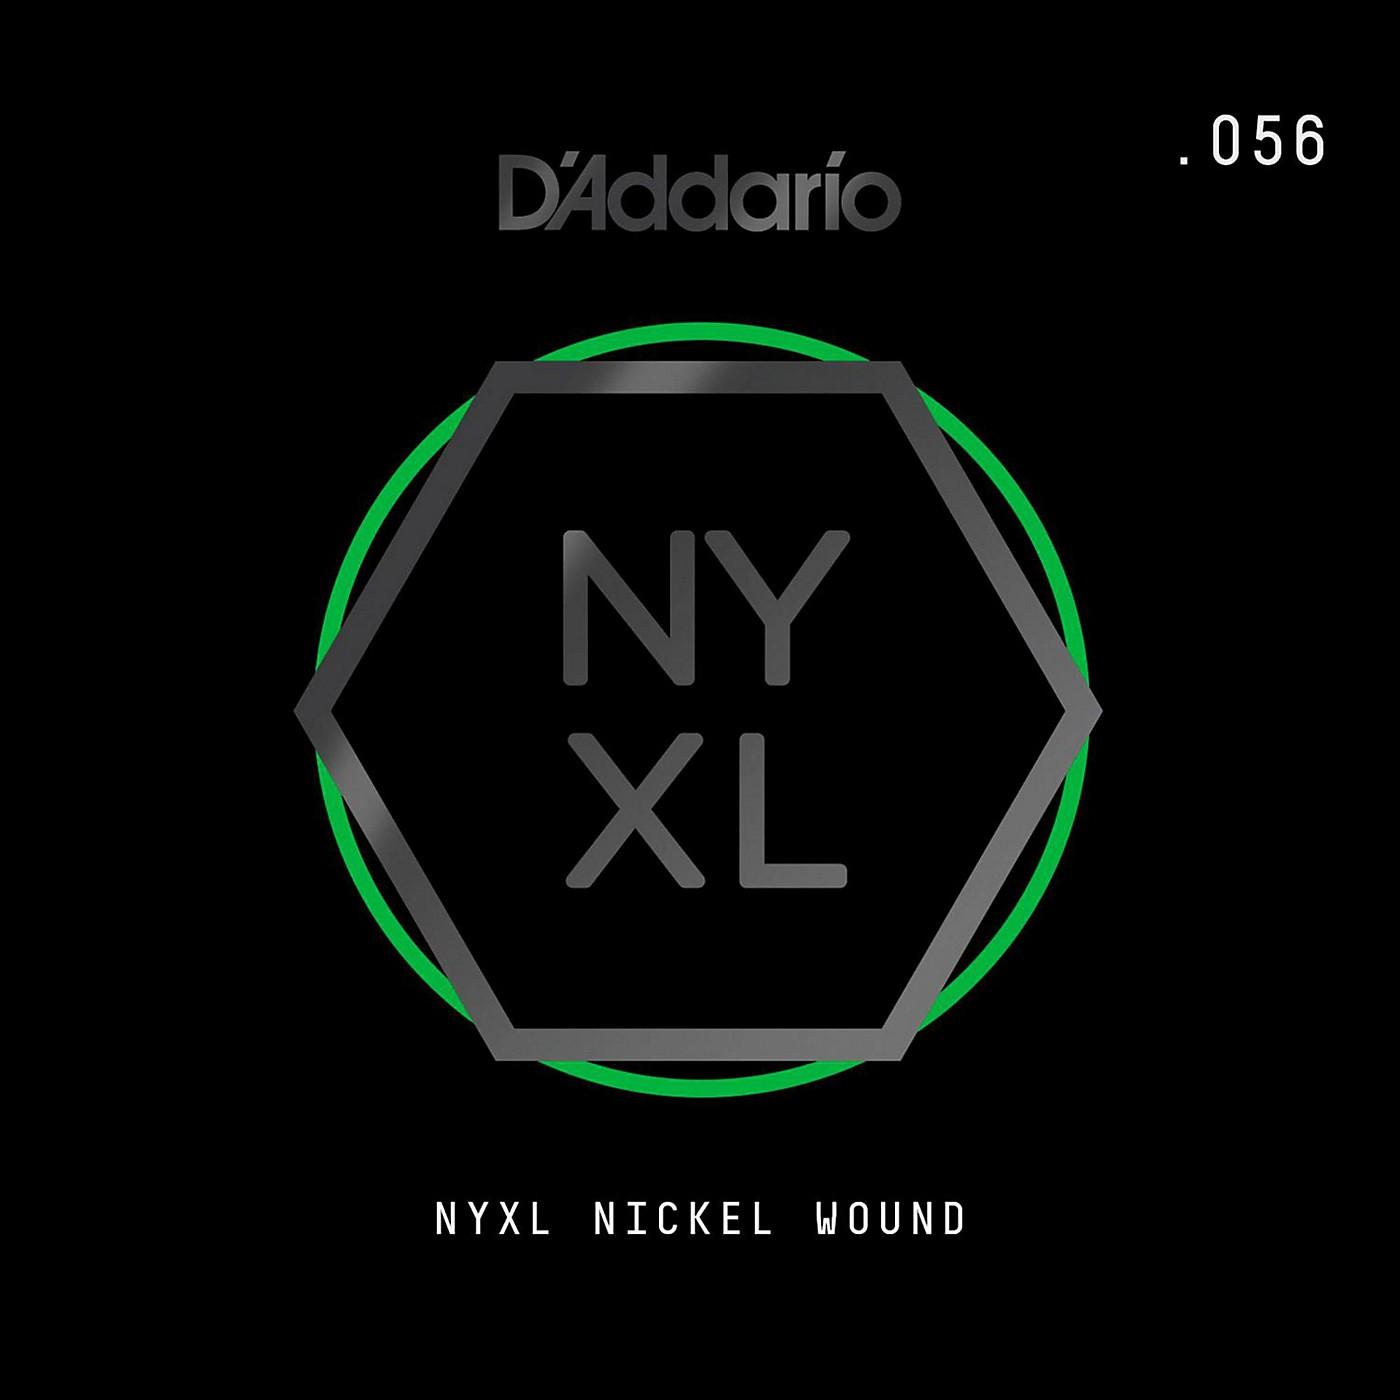 D'Addario NYNW056 NYXL Nickel Wound Electric Guitar Single String, .056 thumbnail